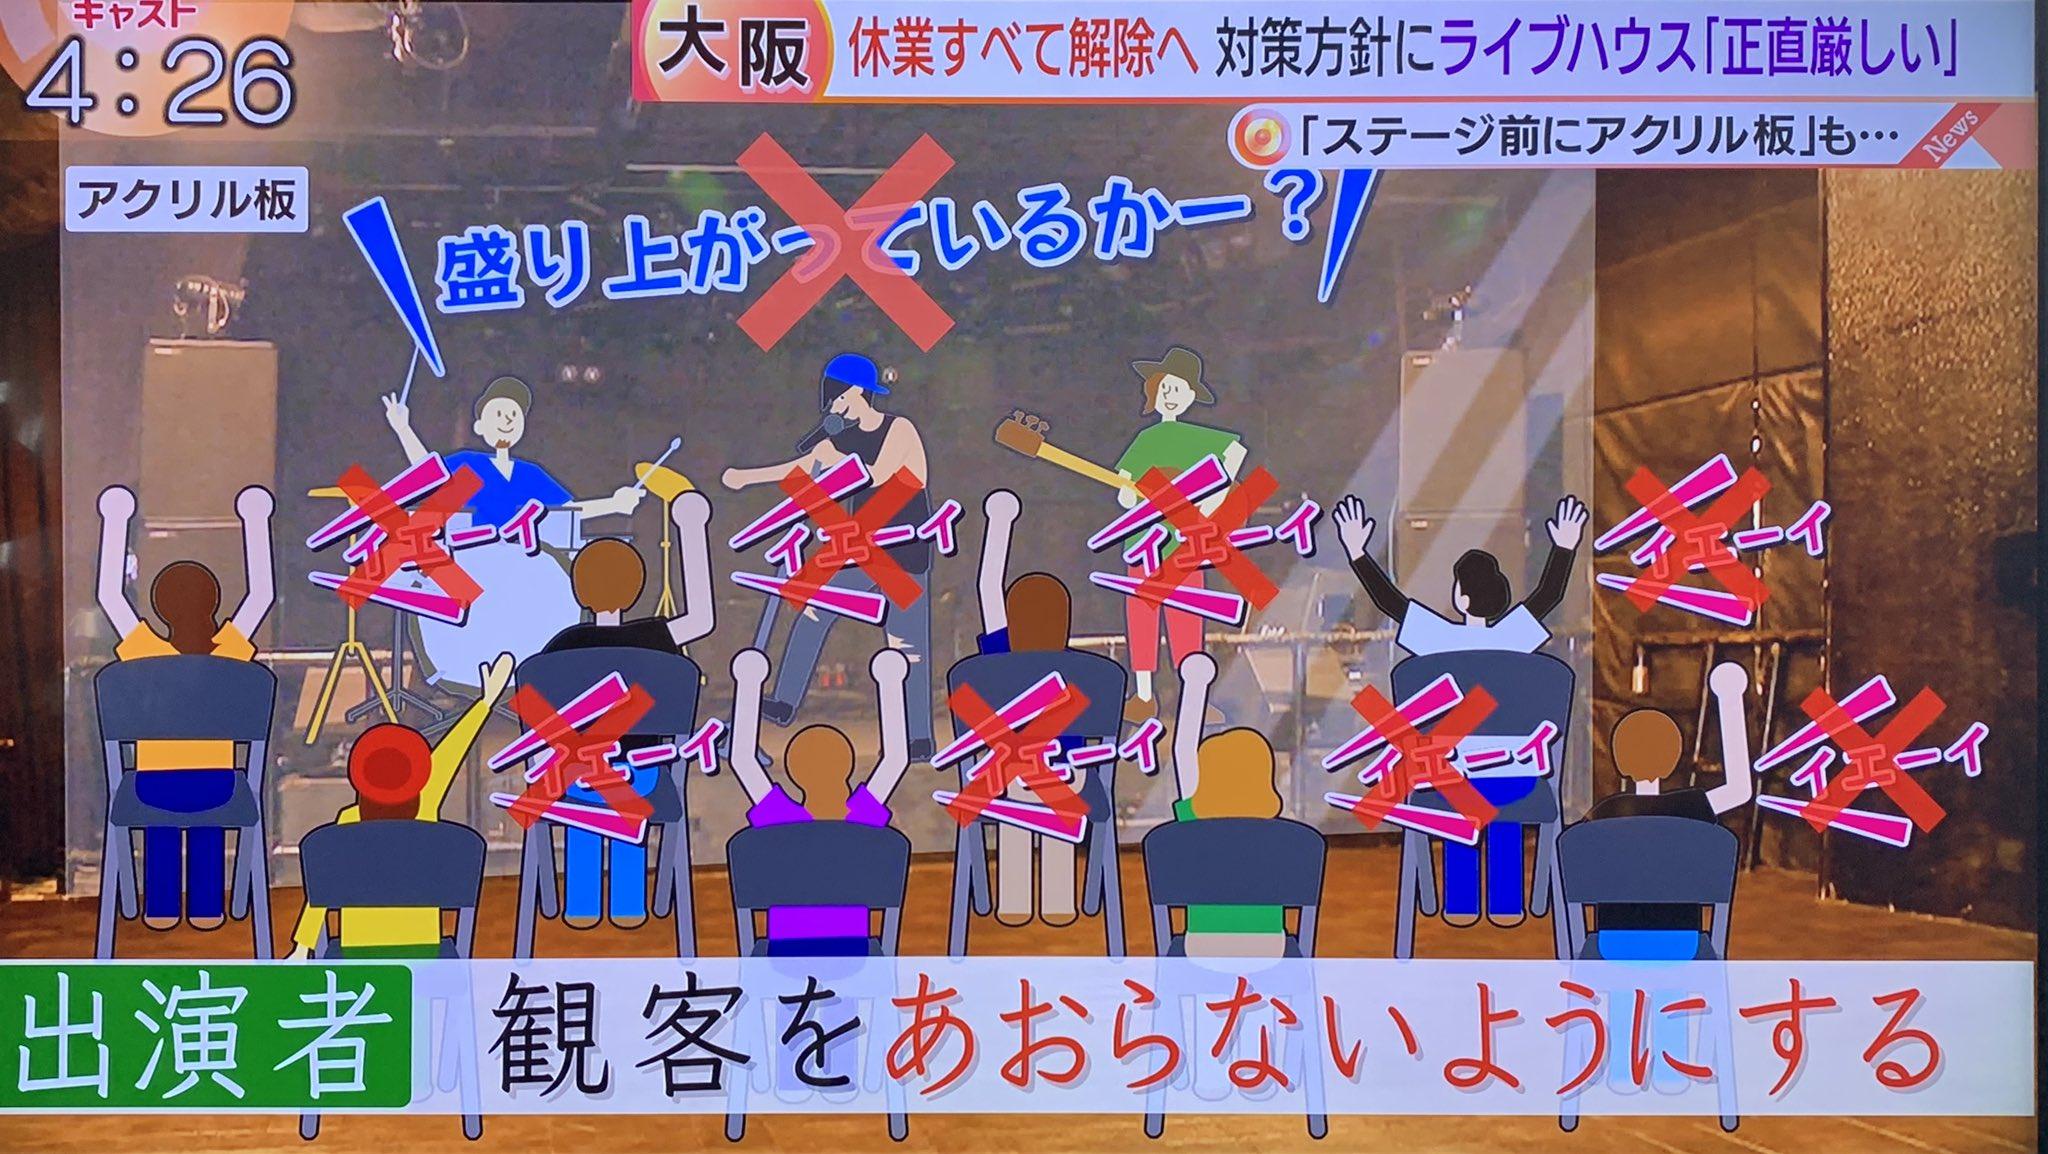 大阪のライブハウスのコロナ対策ガイドライン、アクリル版設置、ステージから2m以上離す、着席、演者煽りなし、<br>これ全部できるライブハウスなんてあるのかな...ライブハウスのコメントはもっとも